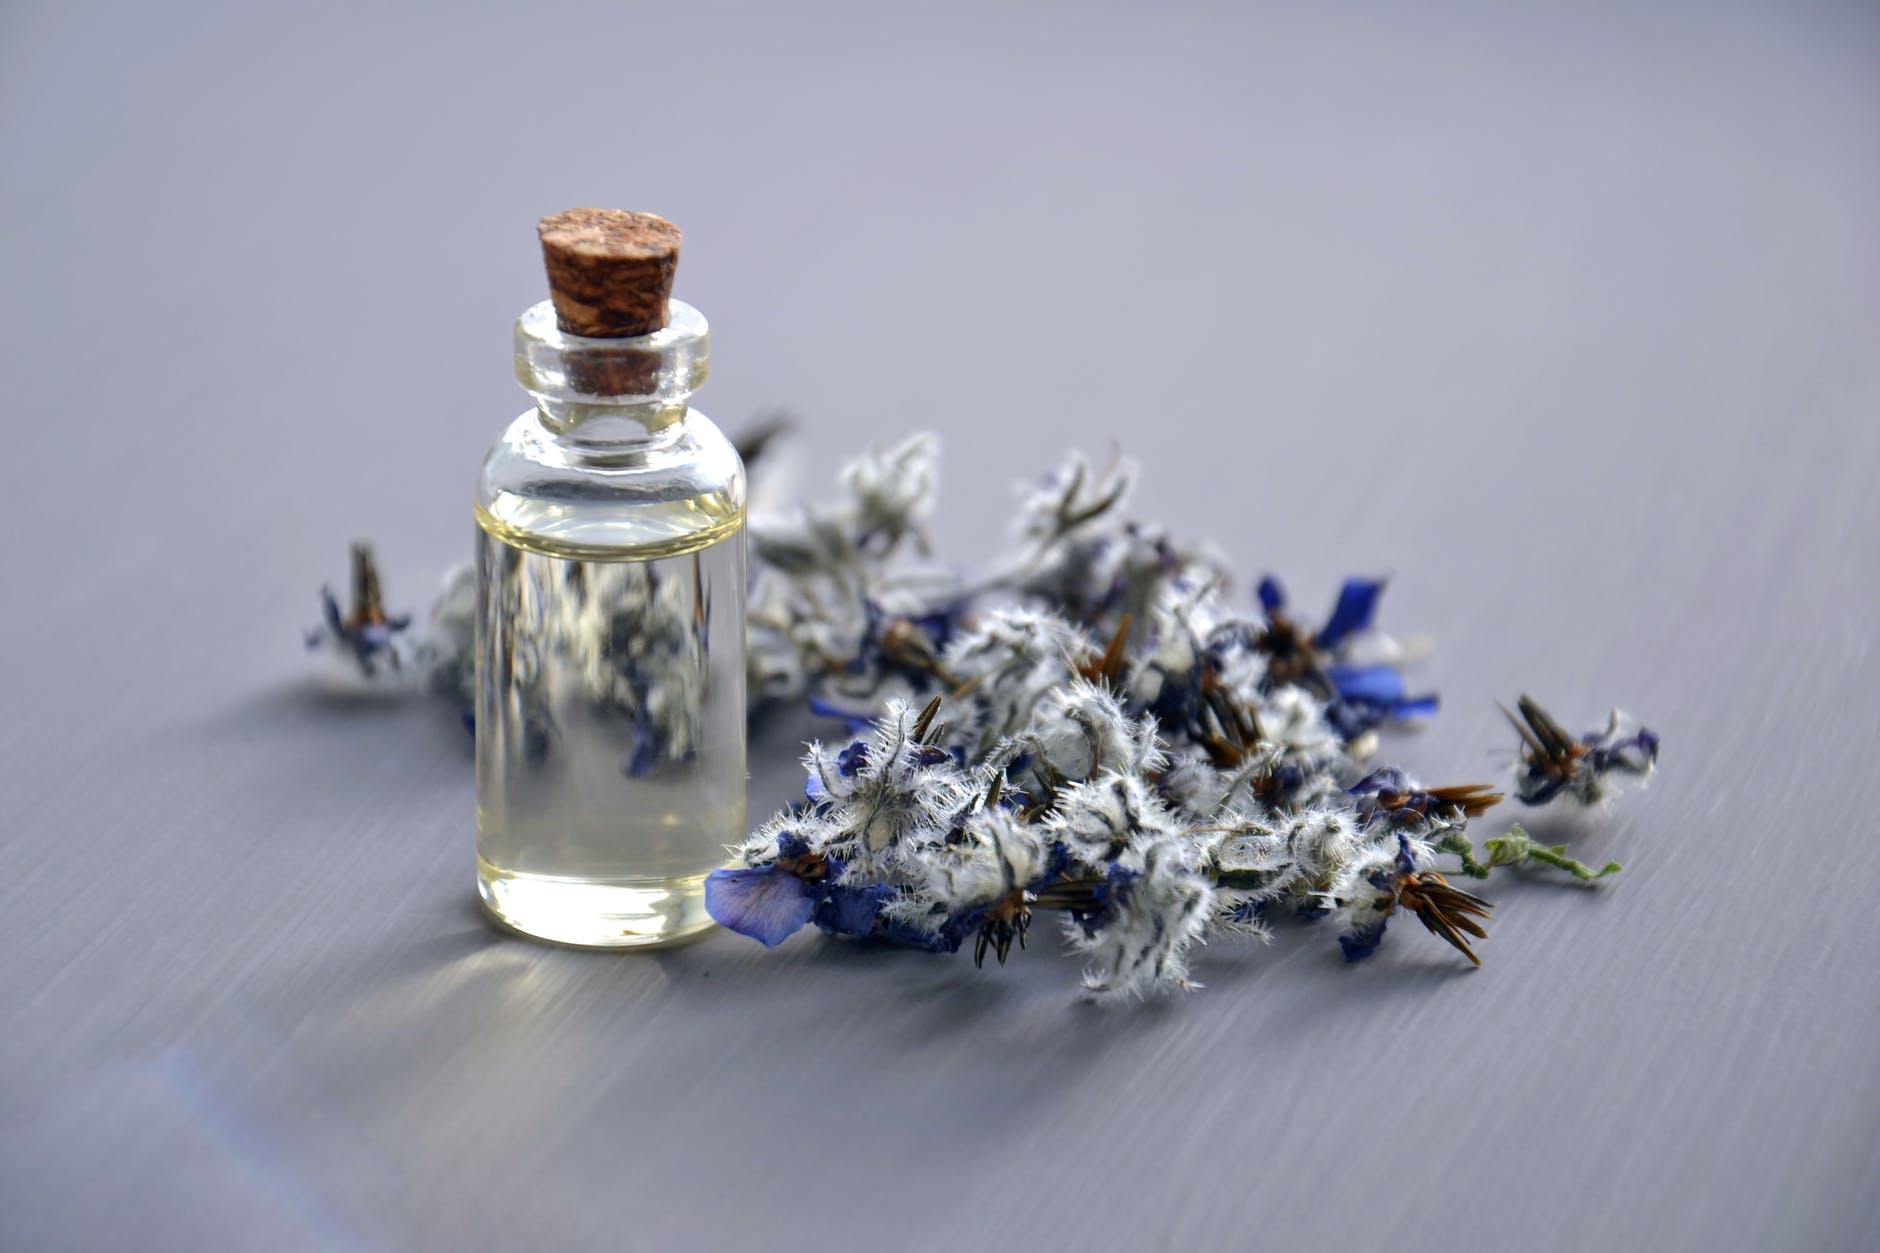 lavender oil for migraine